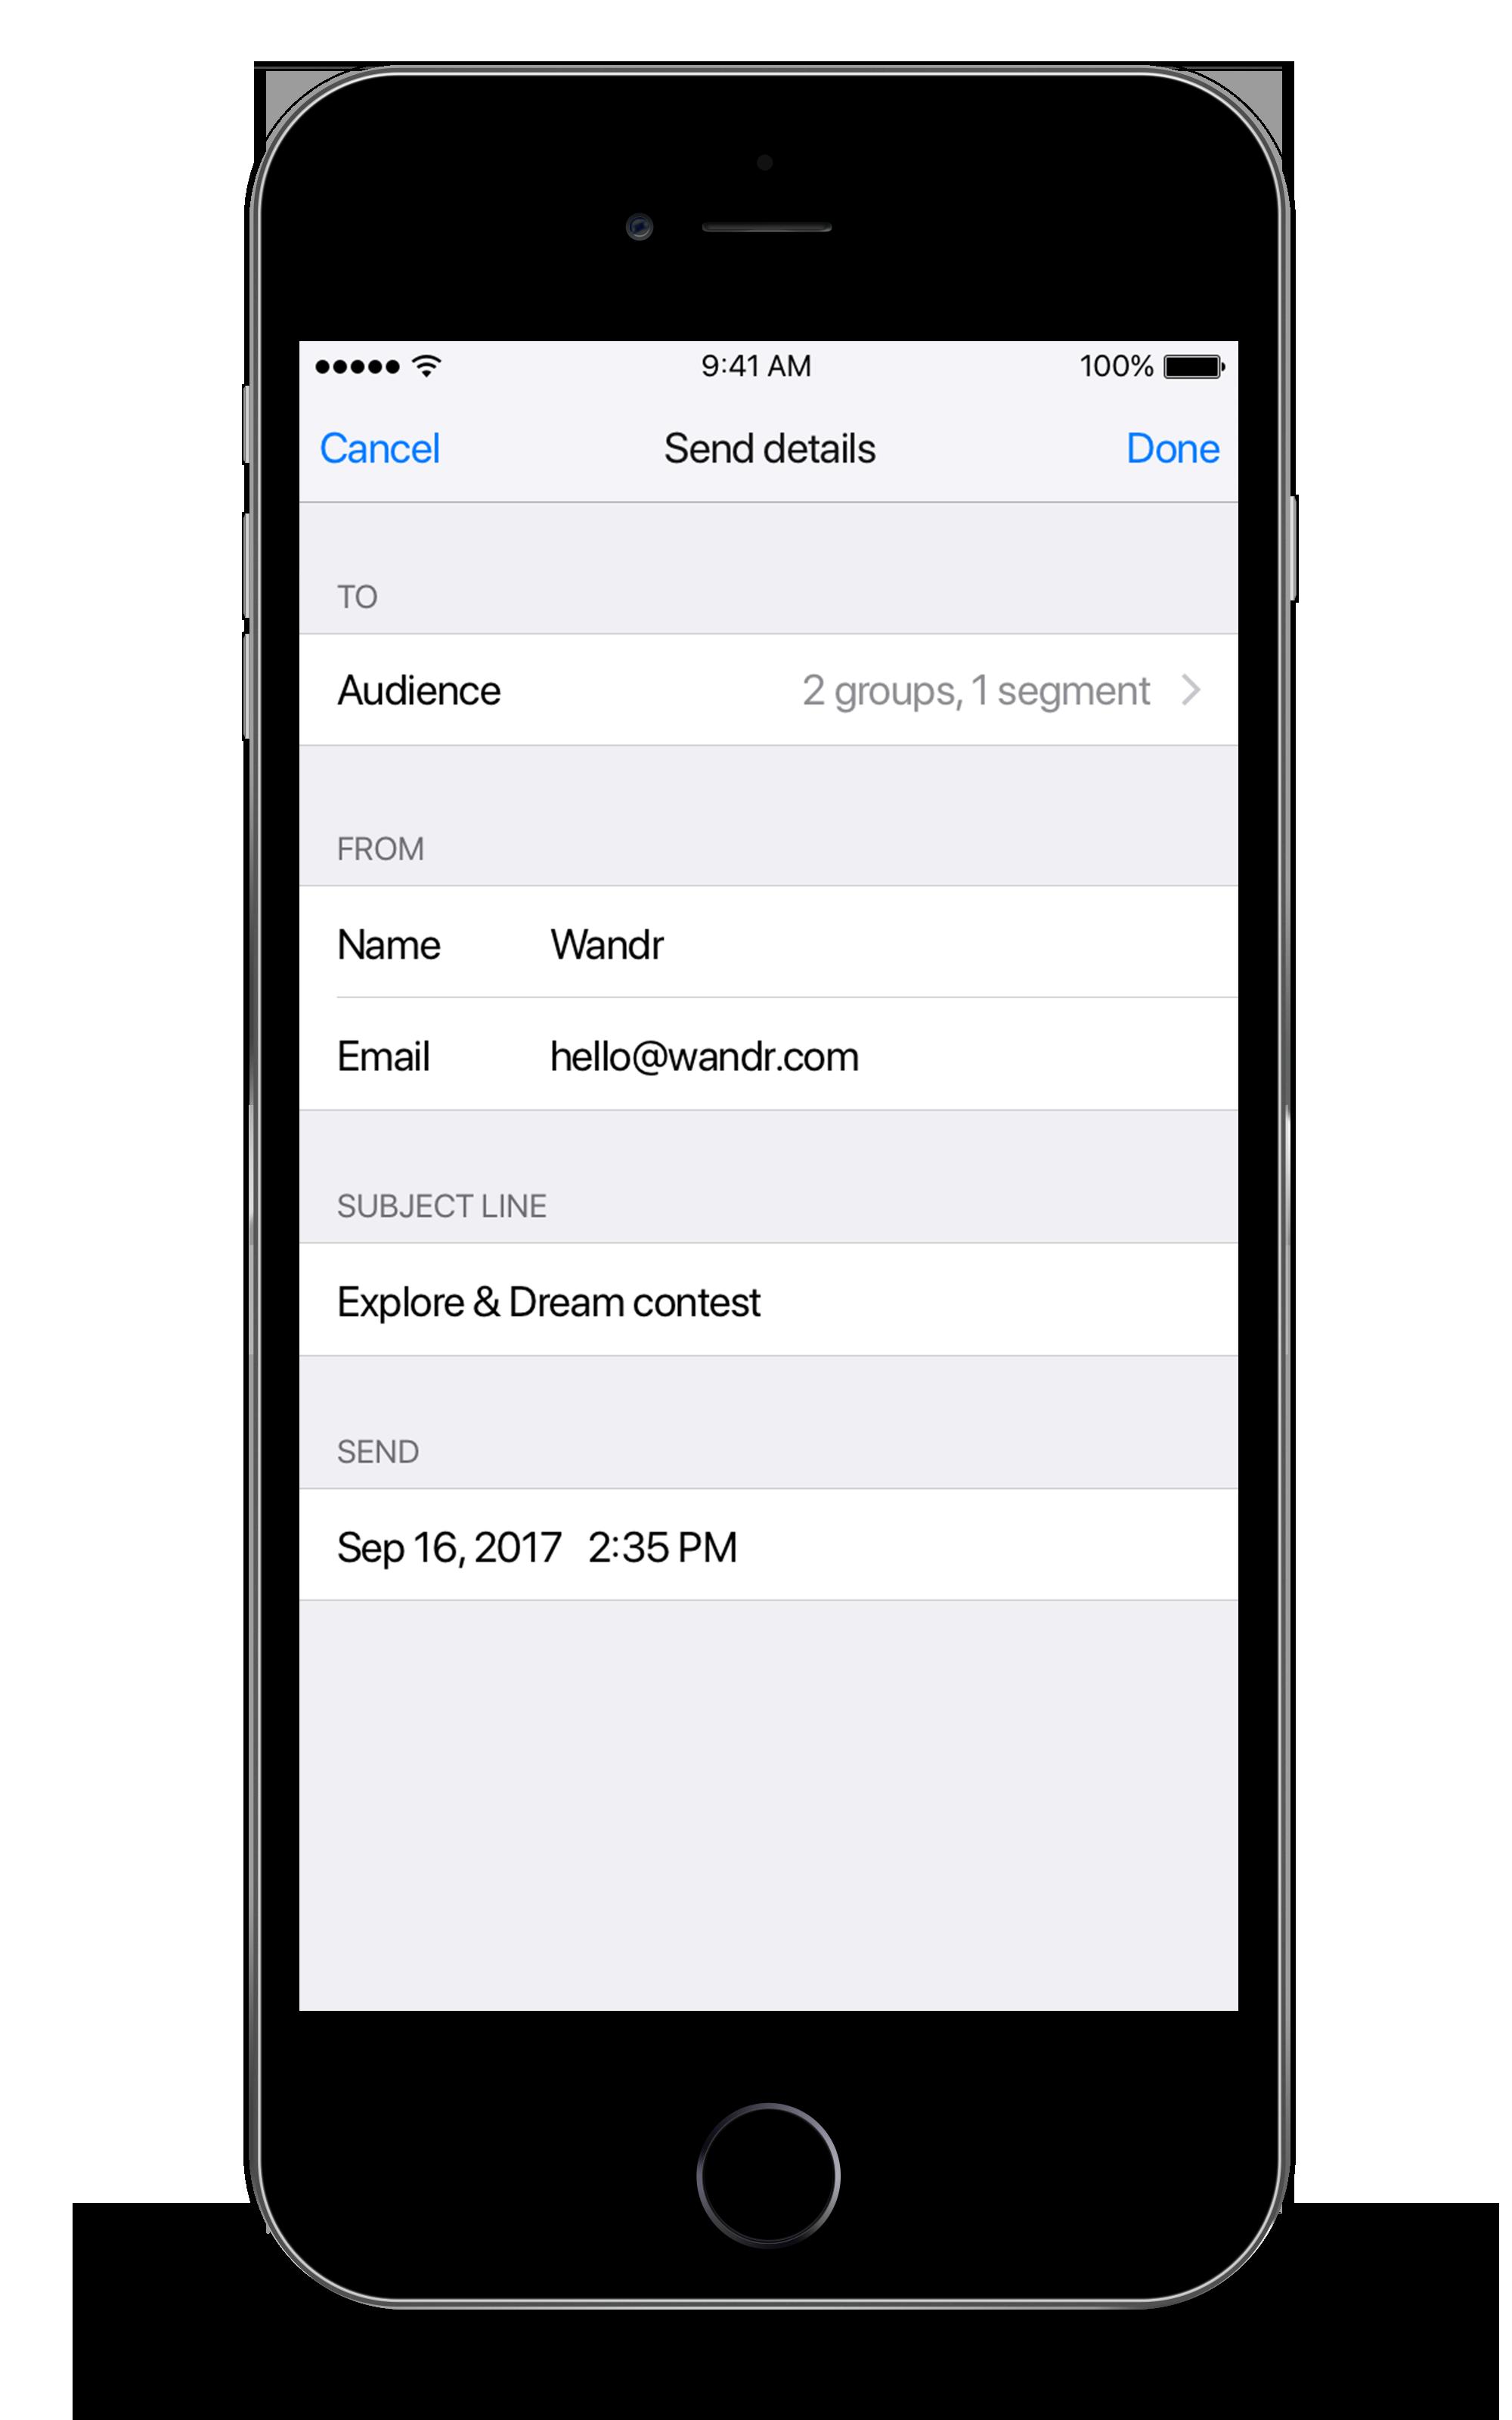 Mobile_senddetails.png